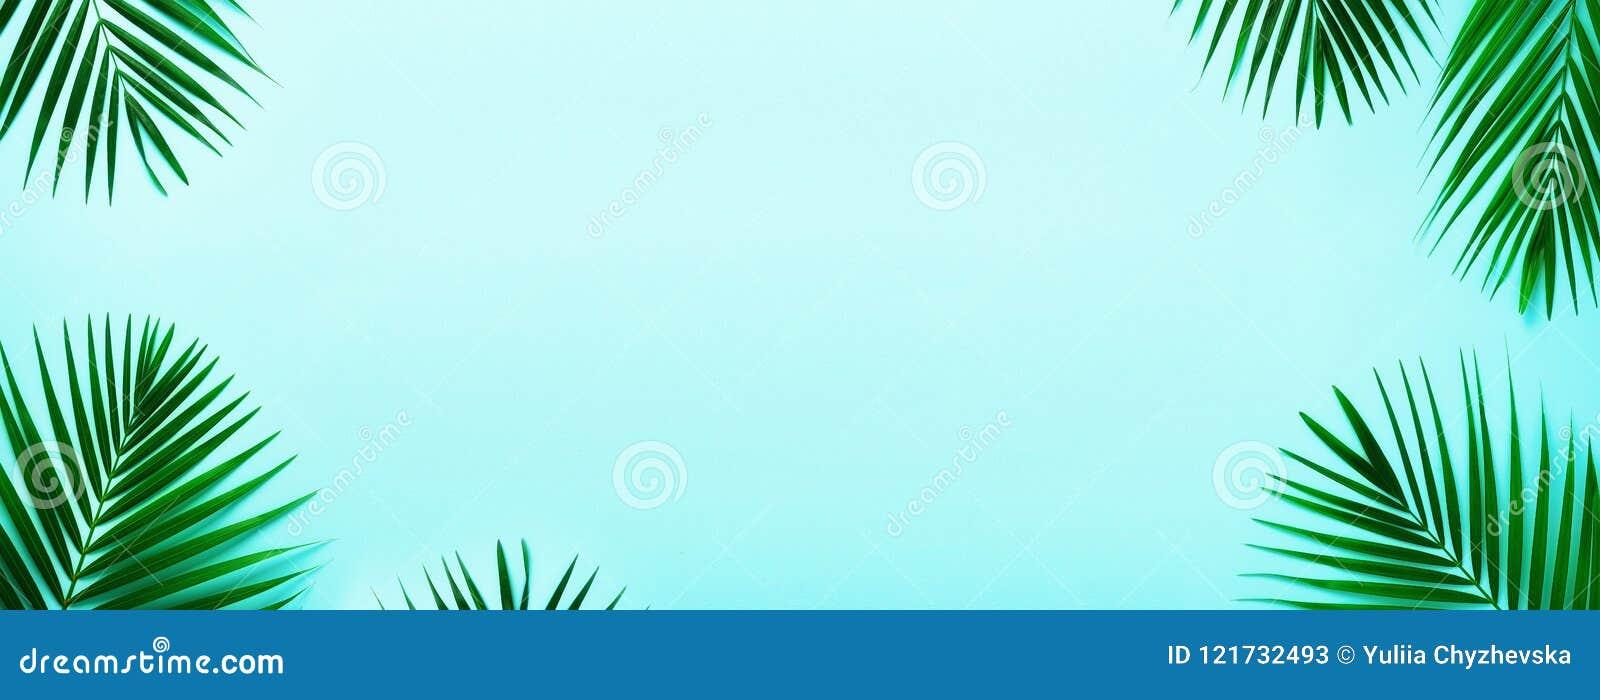 Hojas De Palma Tropicales En Fondo En Colores Pastel De La Turquesa ...